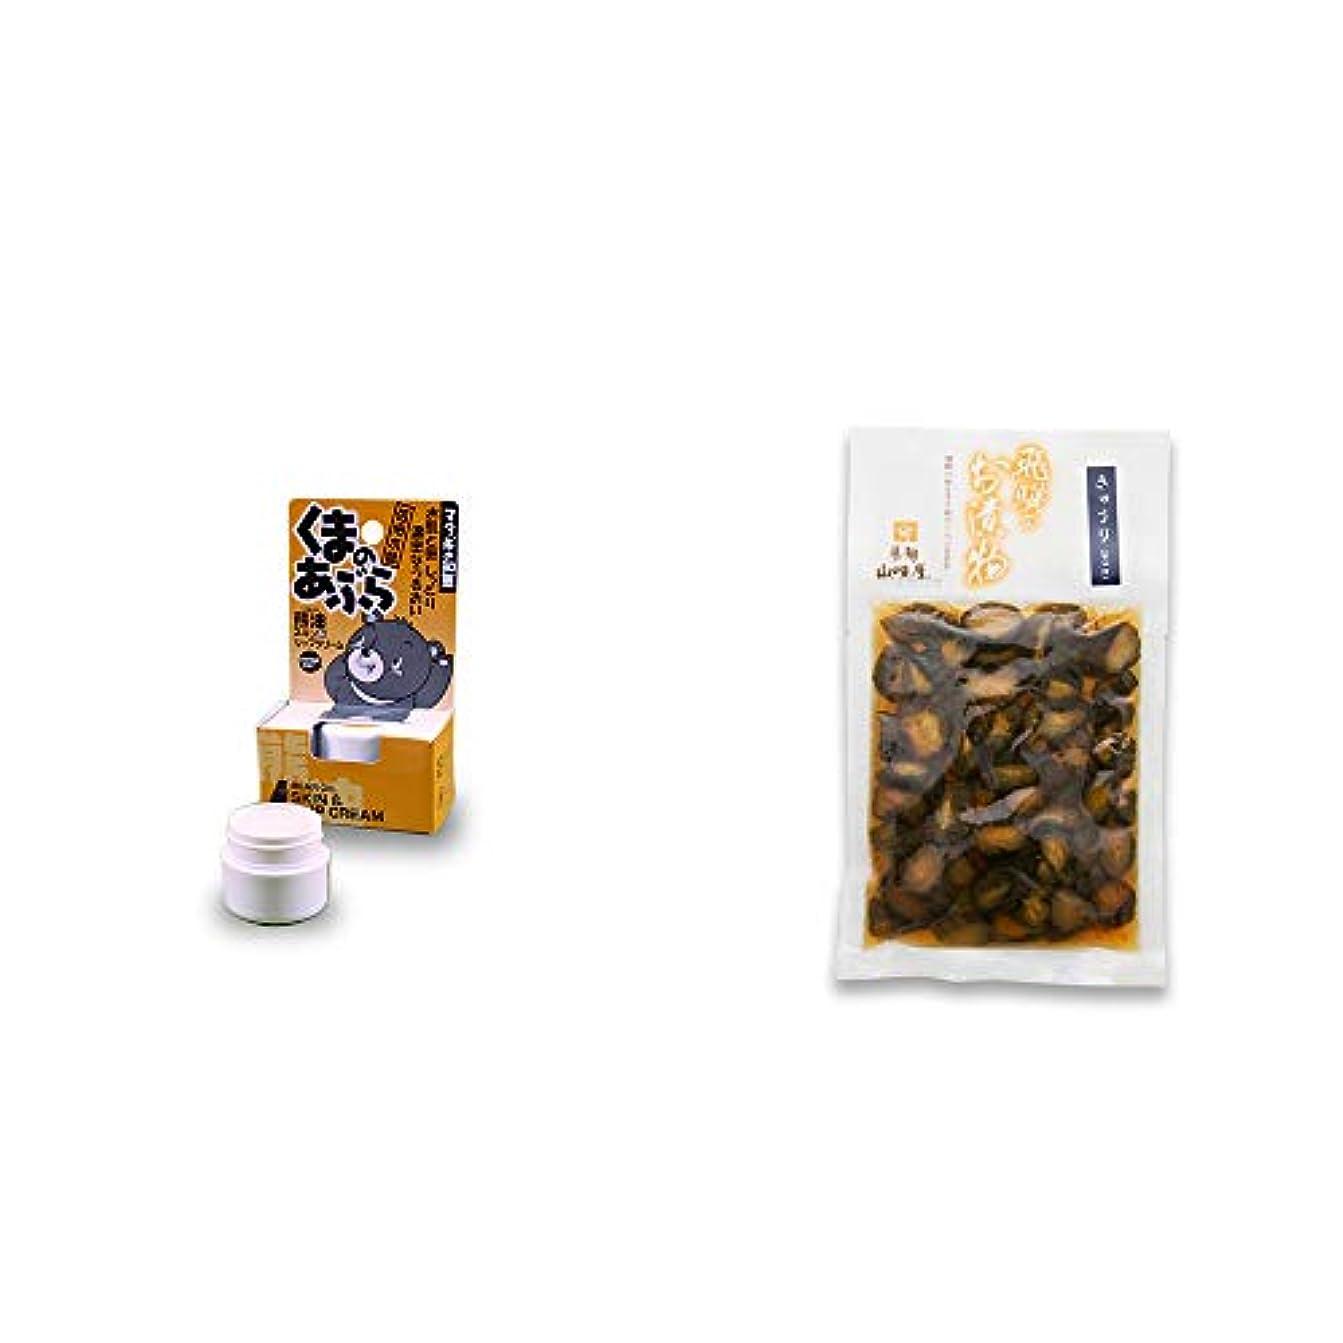 スカウト強調する激しい[2点セット] 信州木曽 くまのあぶら 熊油スキン&リップクリーム(9g)?飛騨山味屋 きゅうり醤油漬(150g)